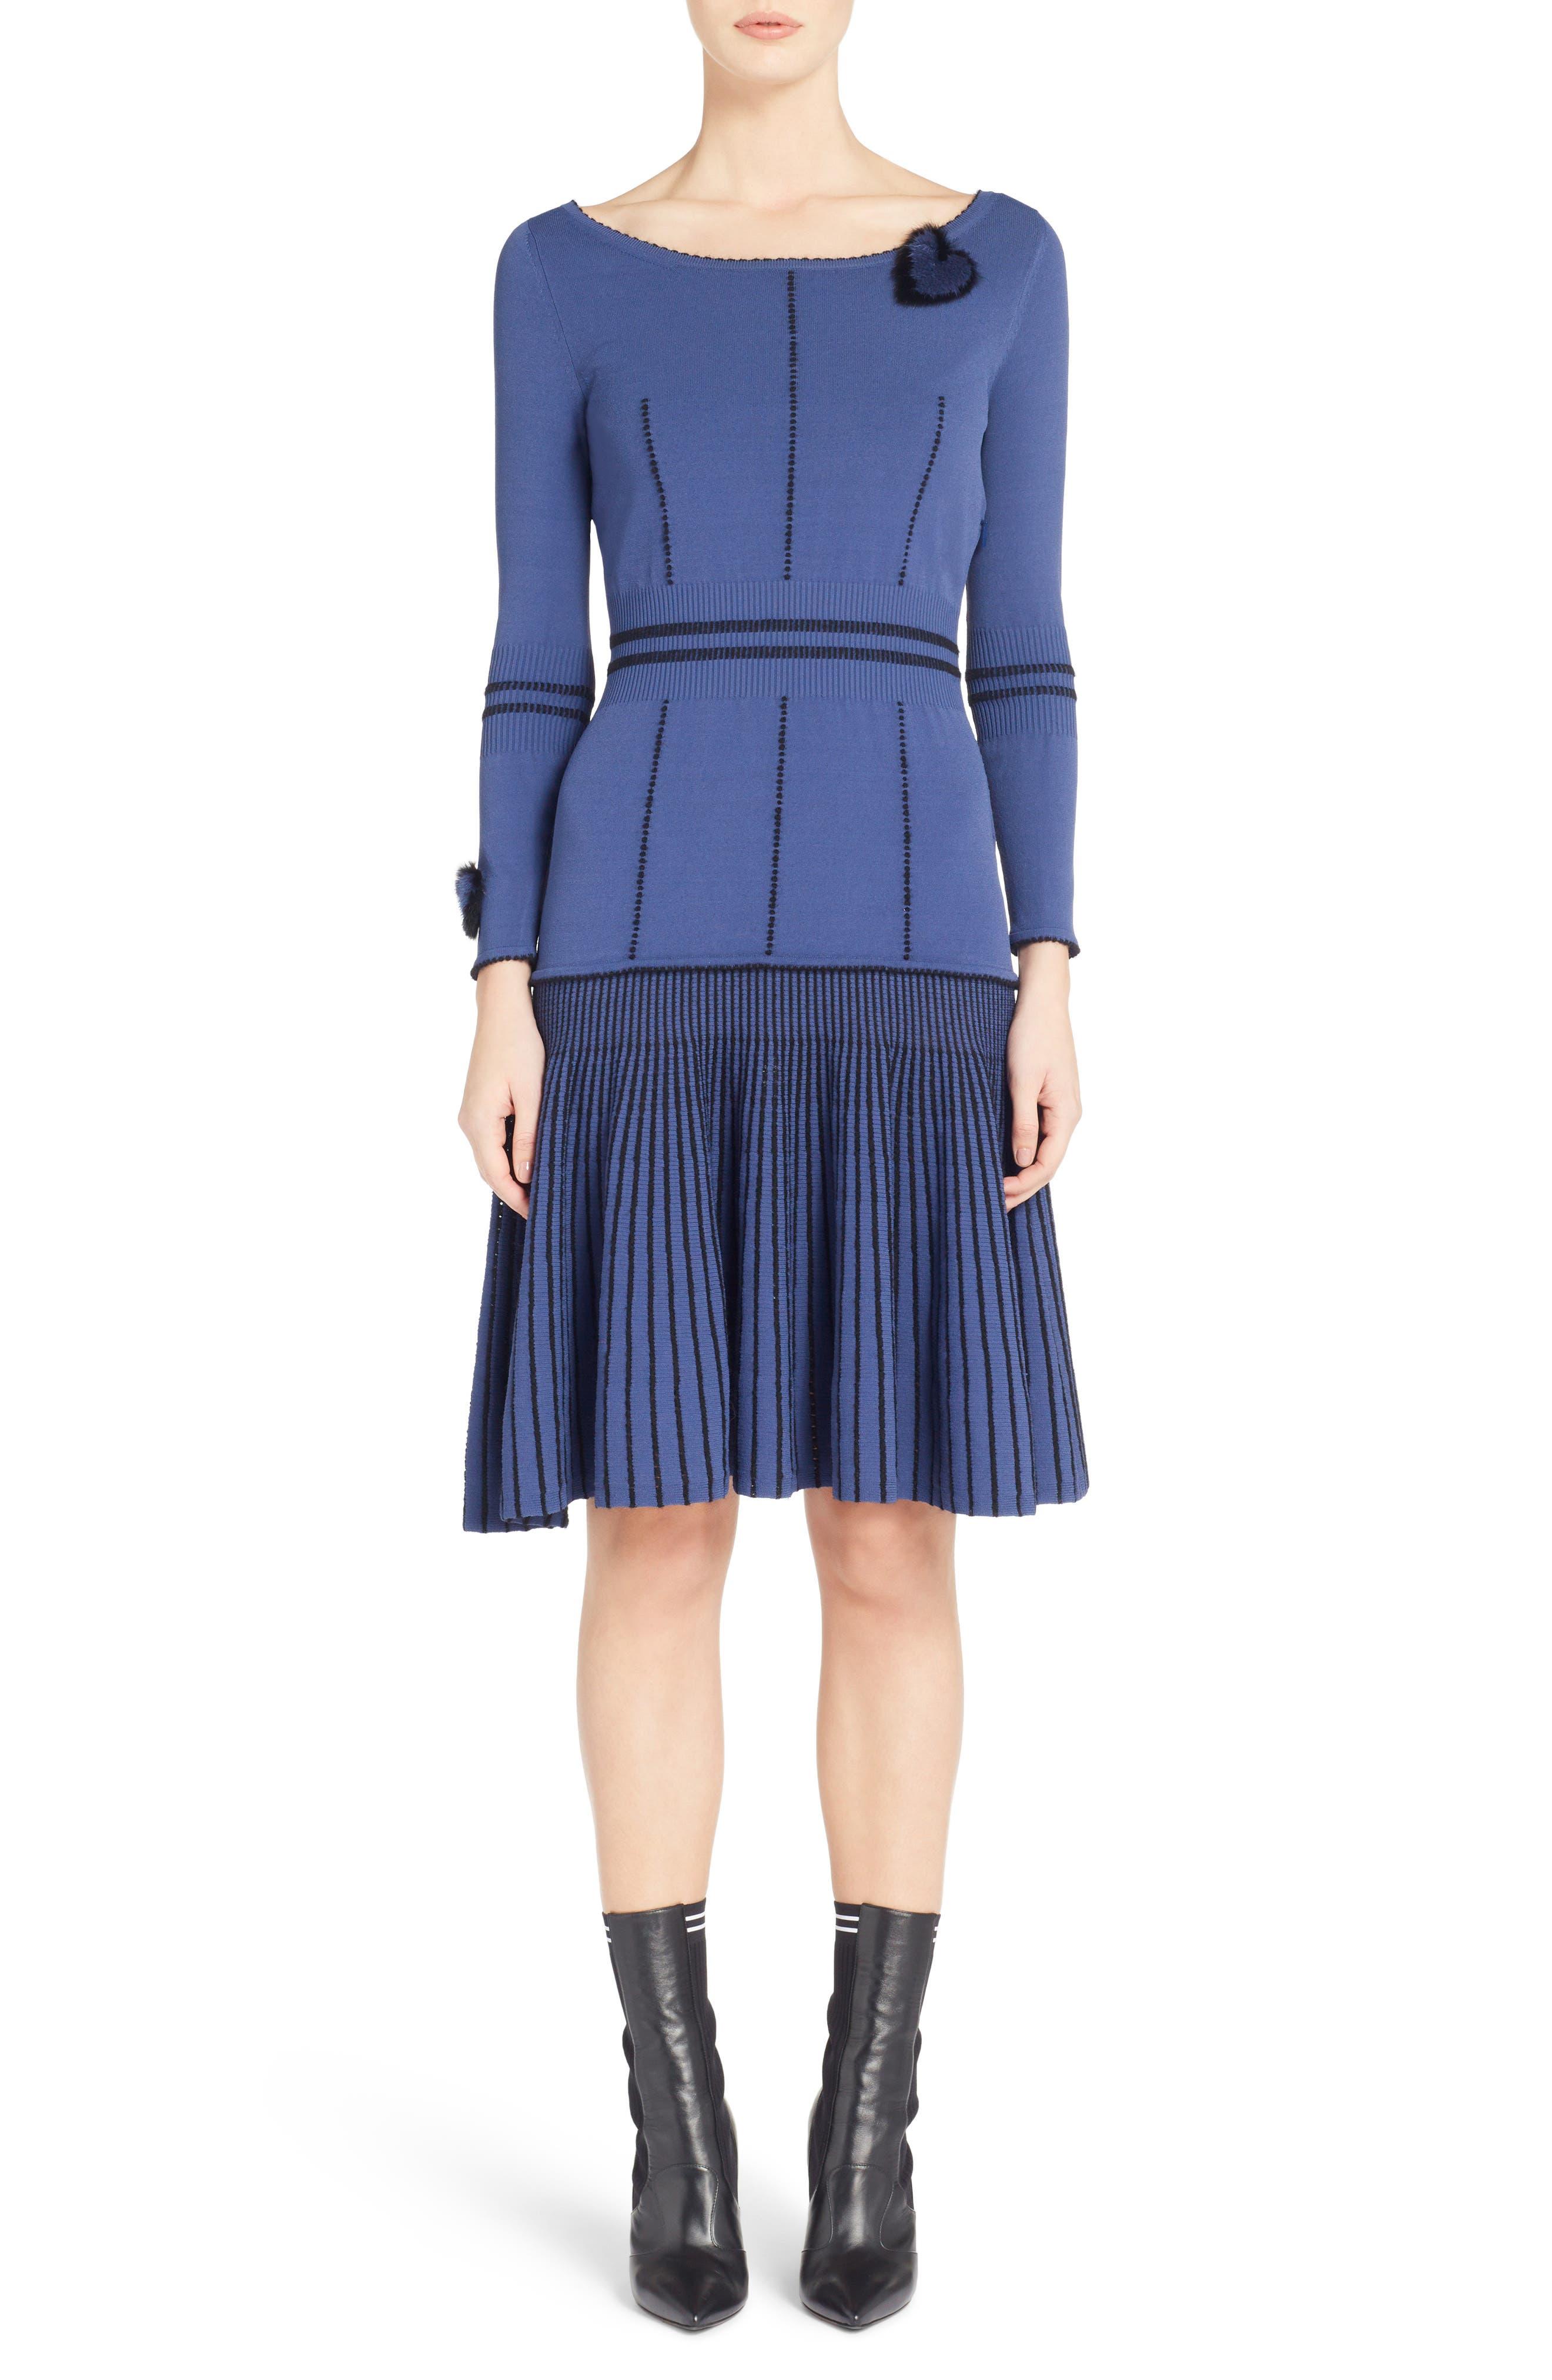 Knit Drop Waist Dress with Genuine Mink Fur Trim,                             Main thumbnail 1, color,                             BLUE